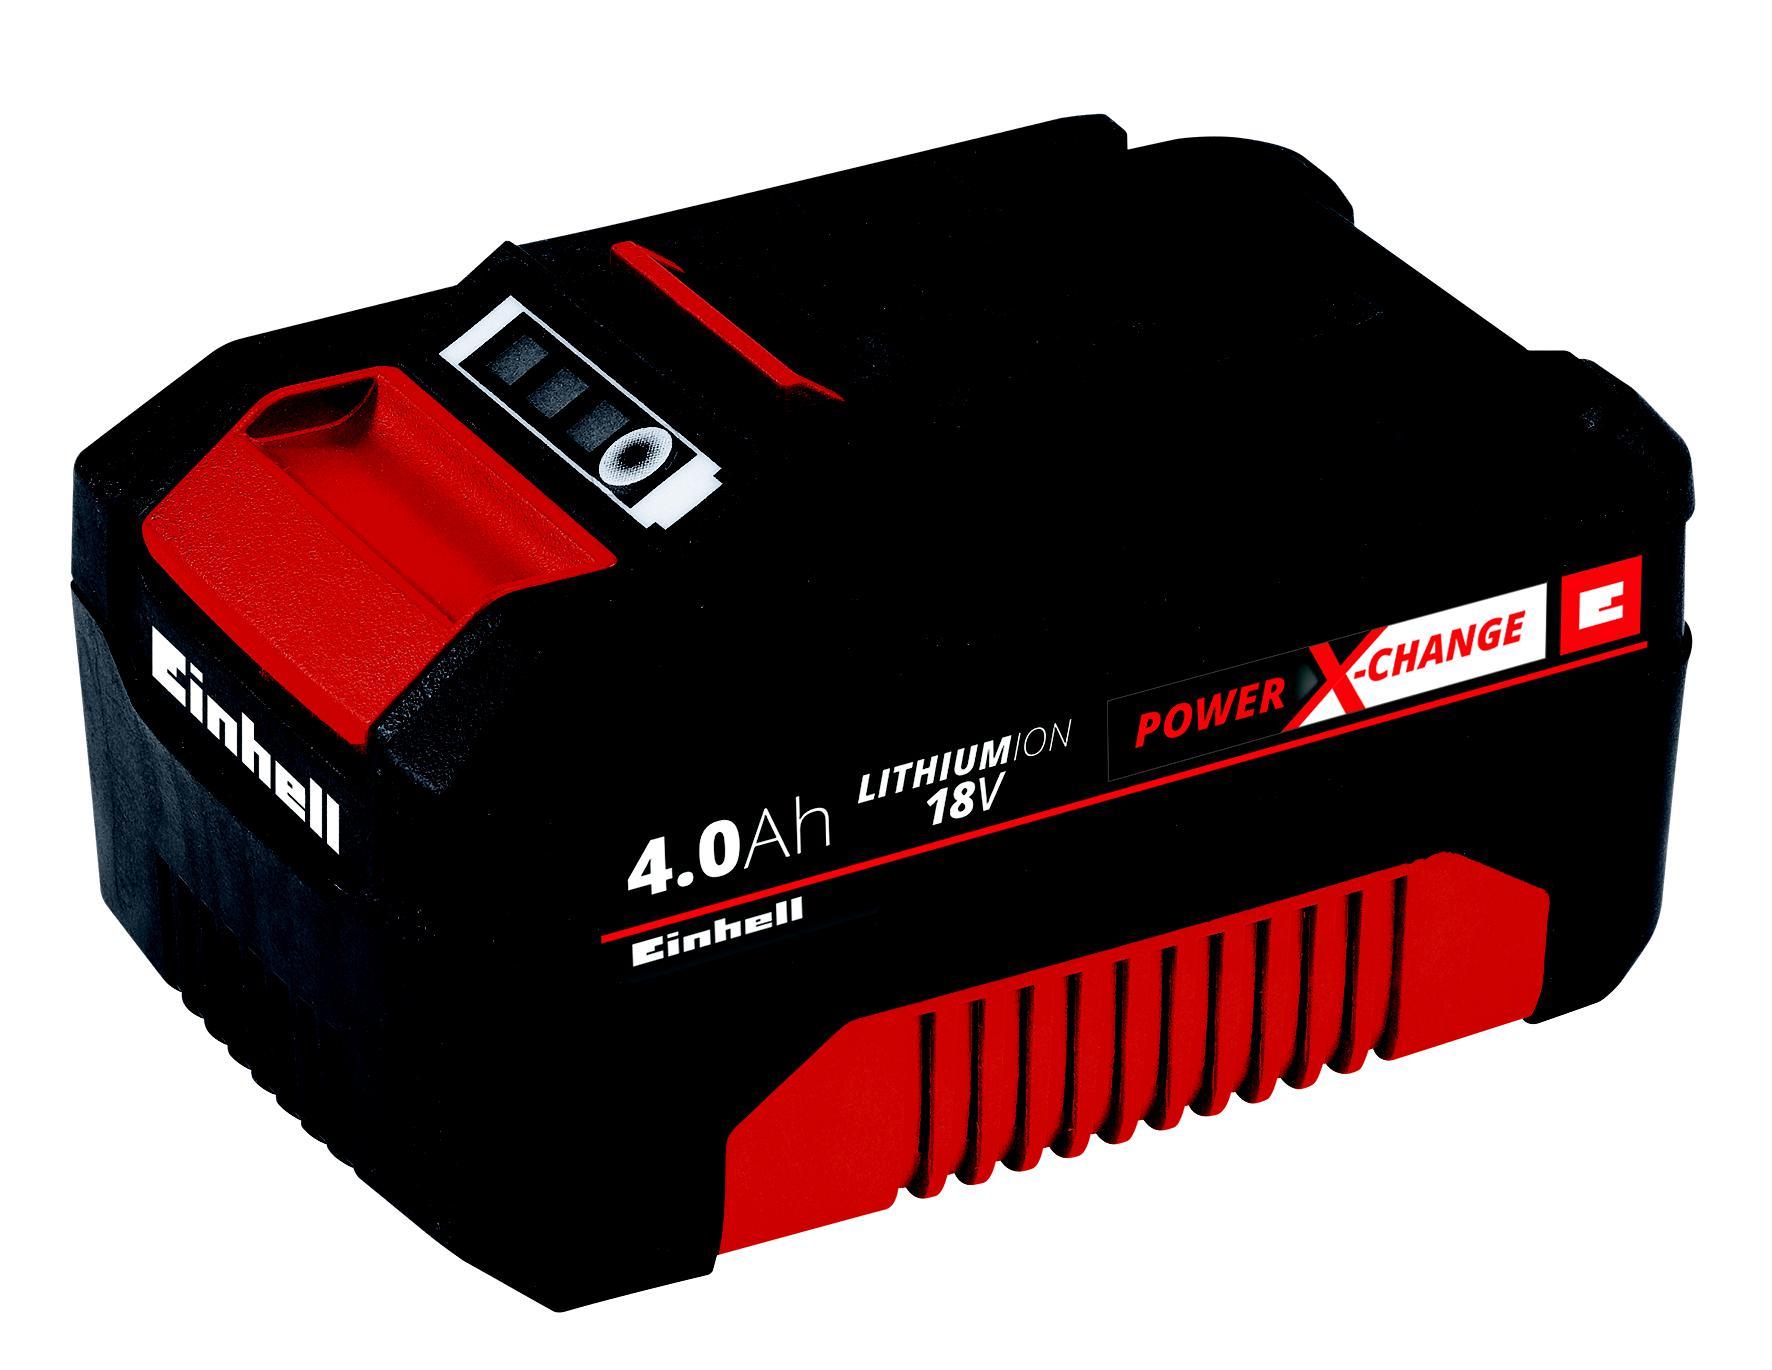 Аккумулятор Einhell Pxc 18В 4 Ач (4511396) аккумулятор einhell pxc plus 18в 5 2 ач